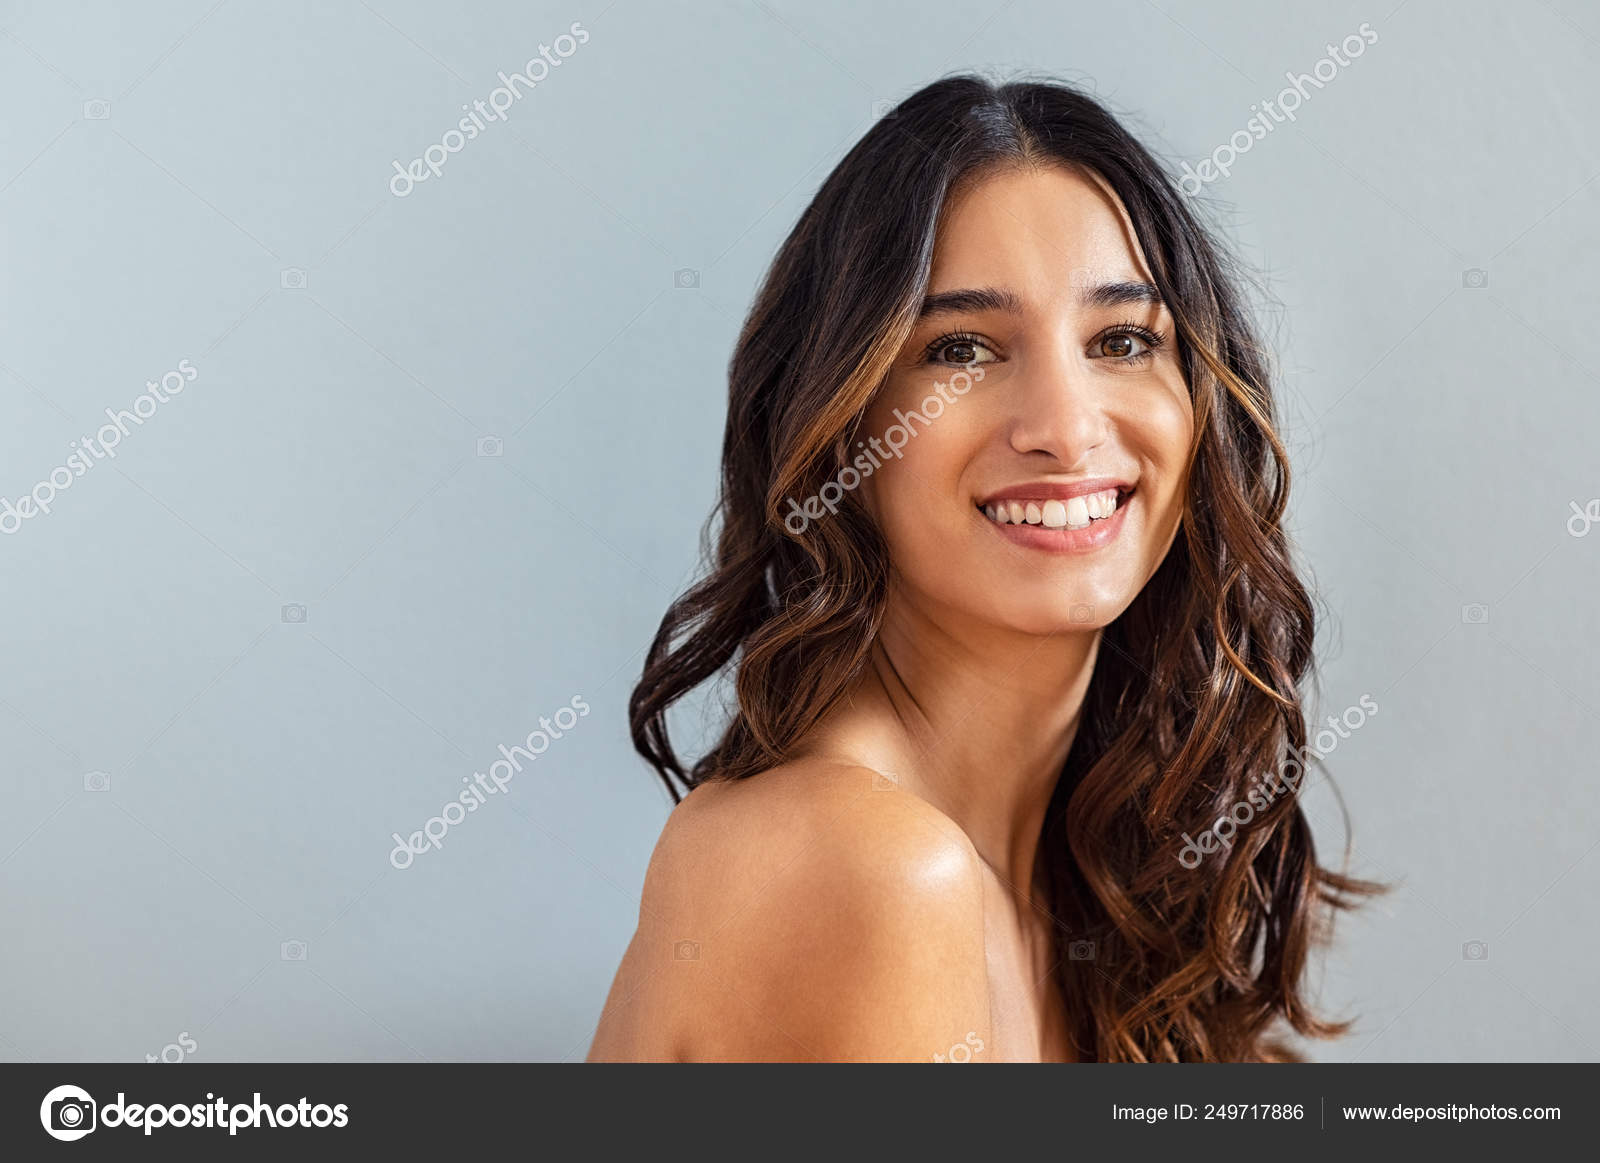 Natural Hispanic Beauty Stock Photo C Ridofranz 249717886